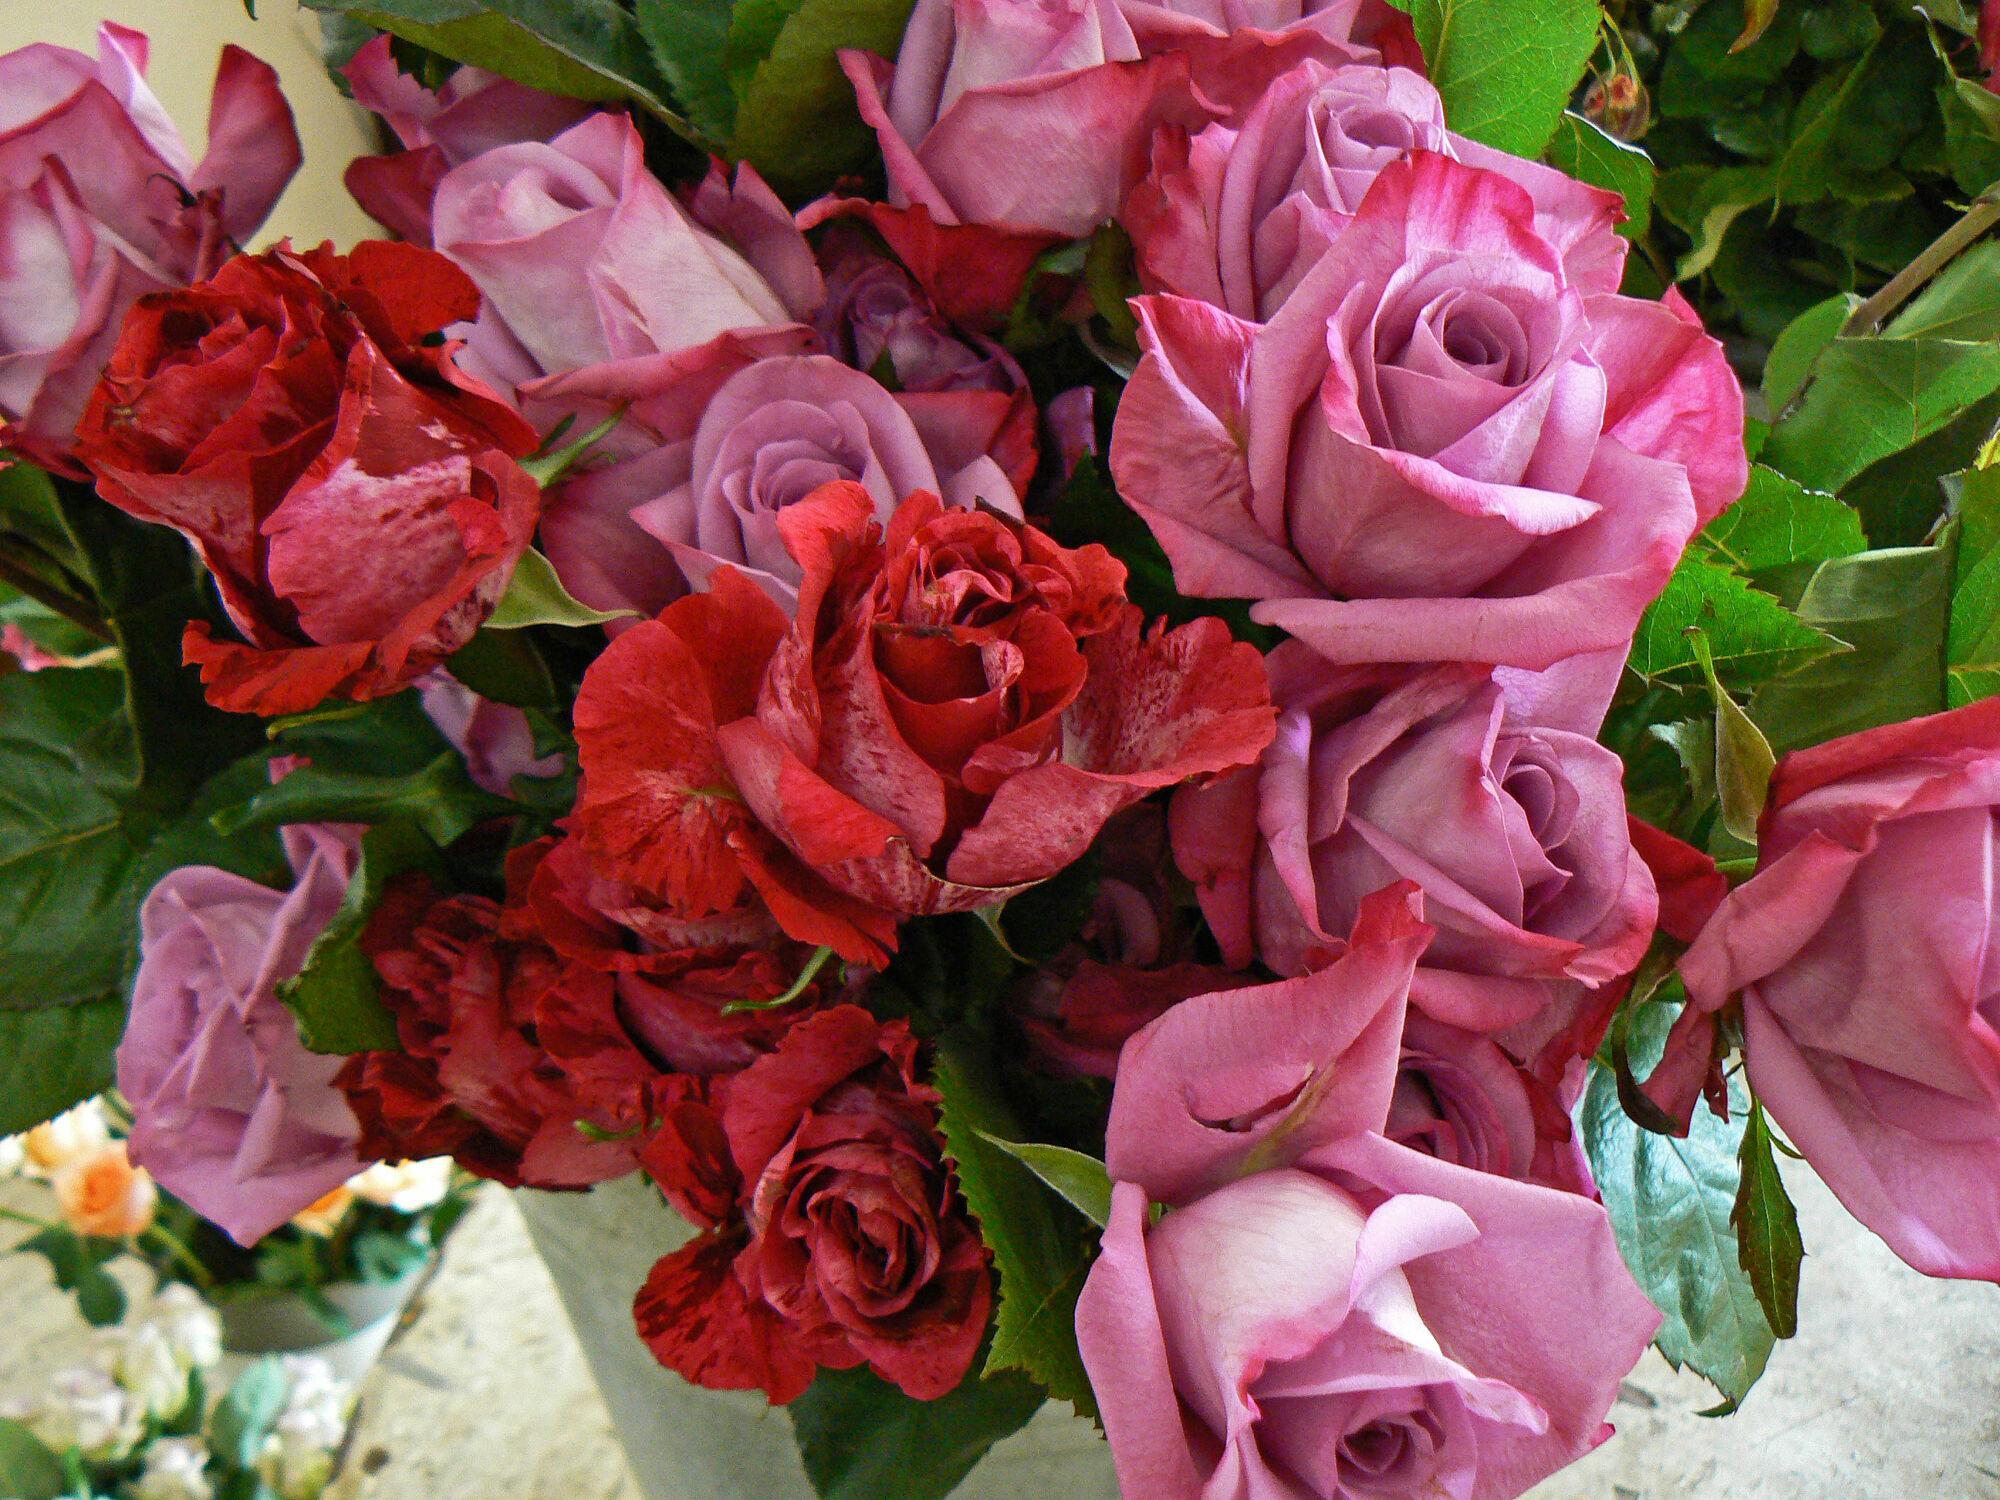 Bild mit Pflanzen, Rosen, Pflanze, Rose, romantik, Blüten, blüte, Liebe, Love